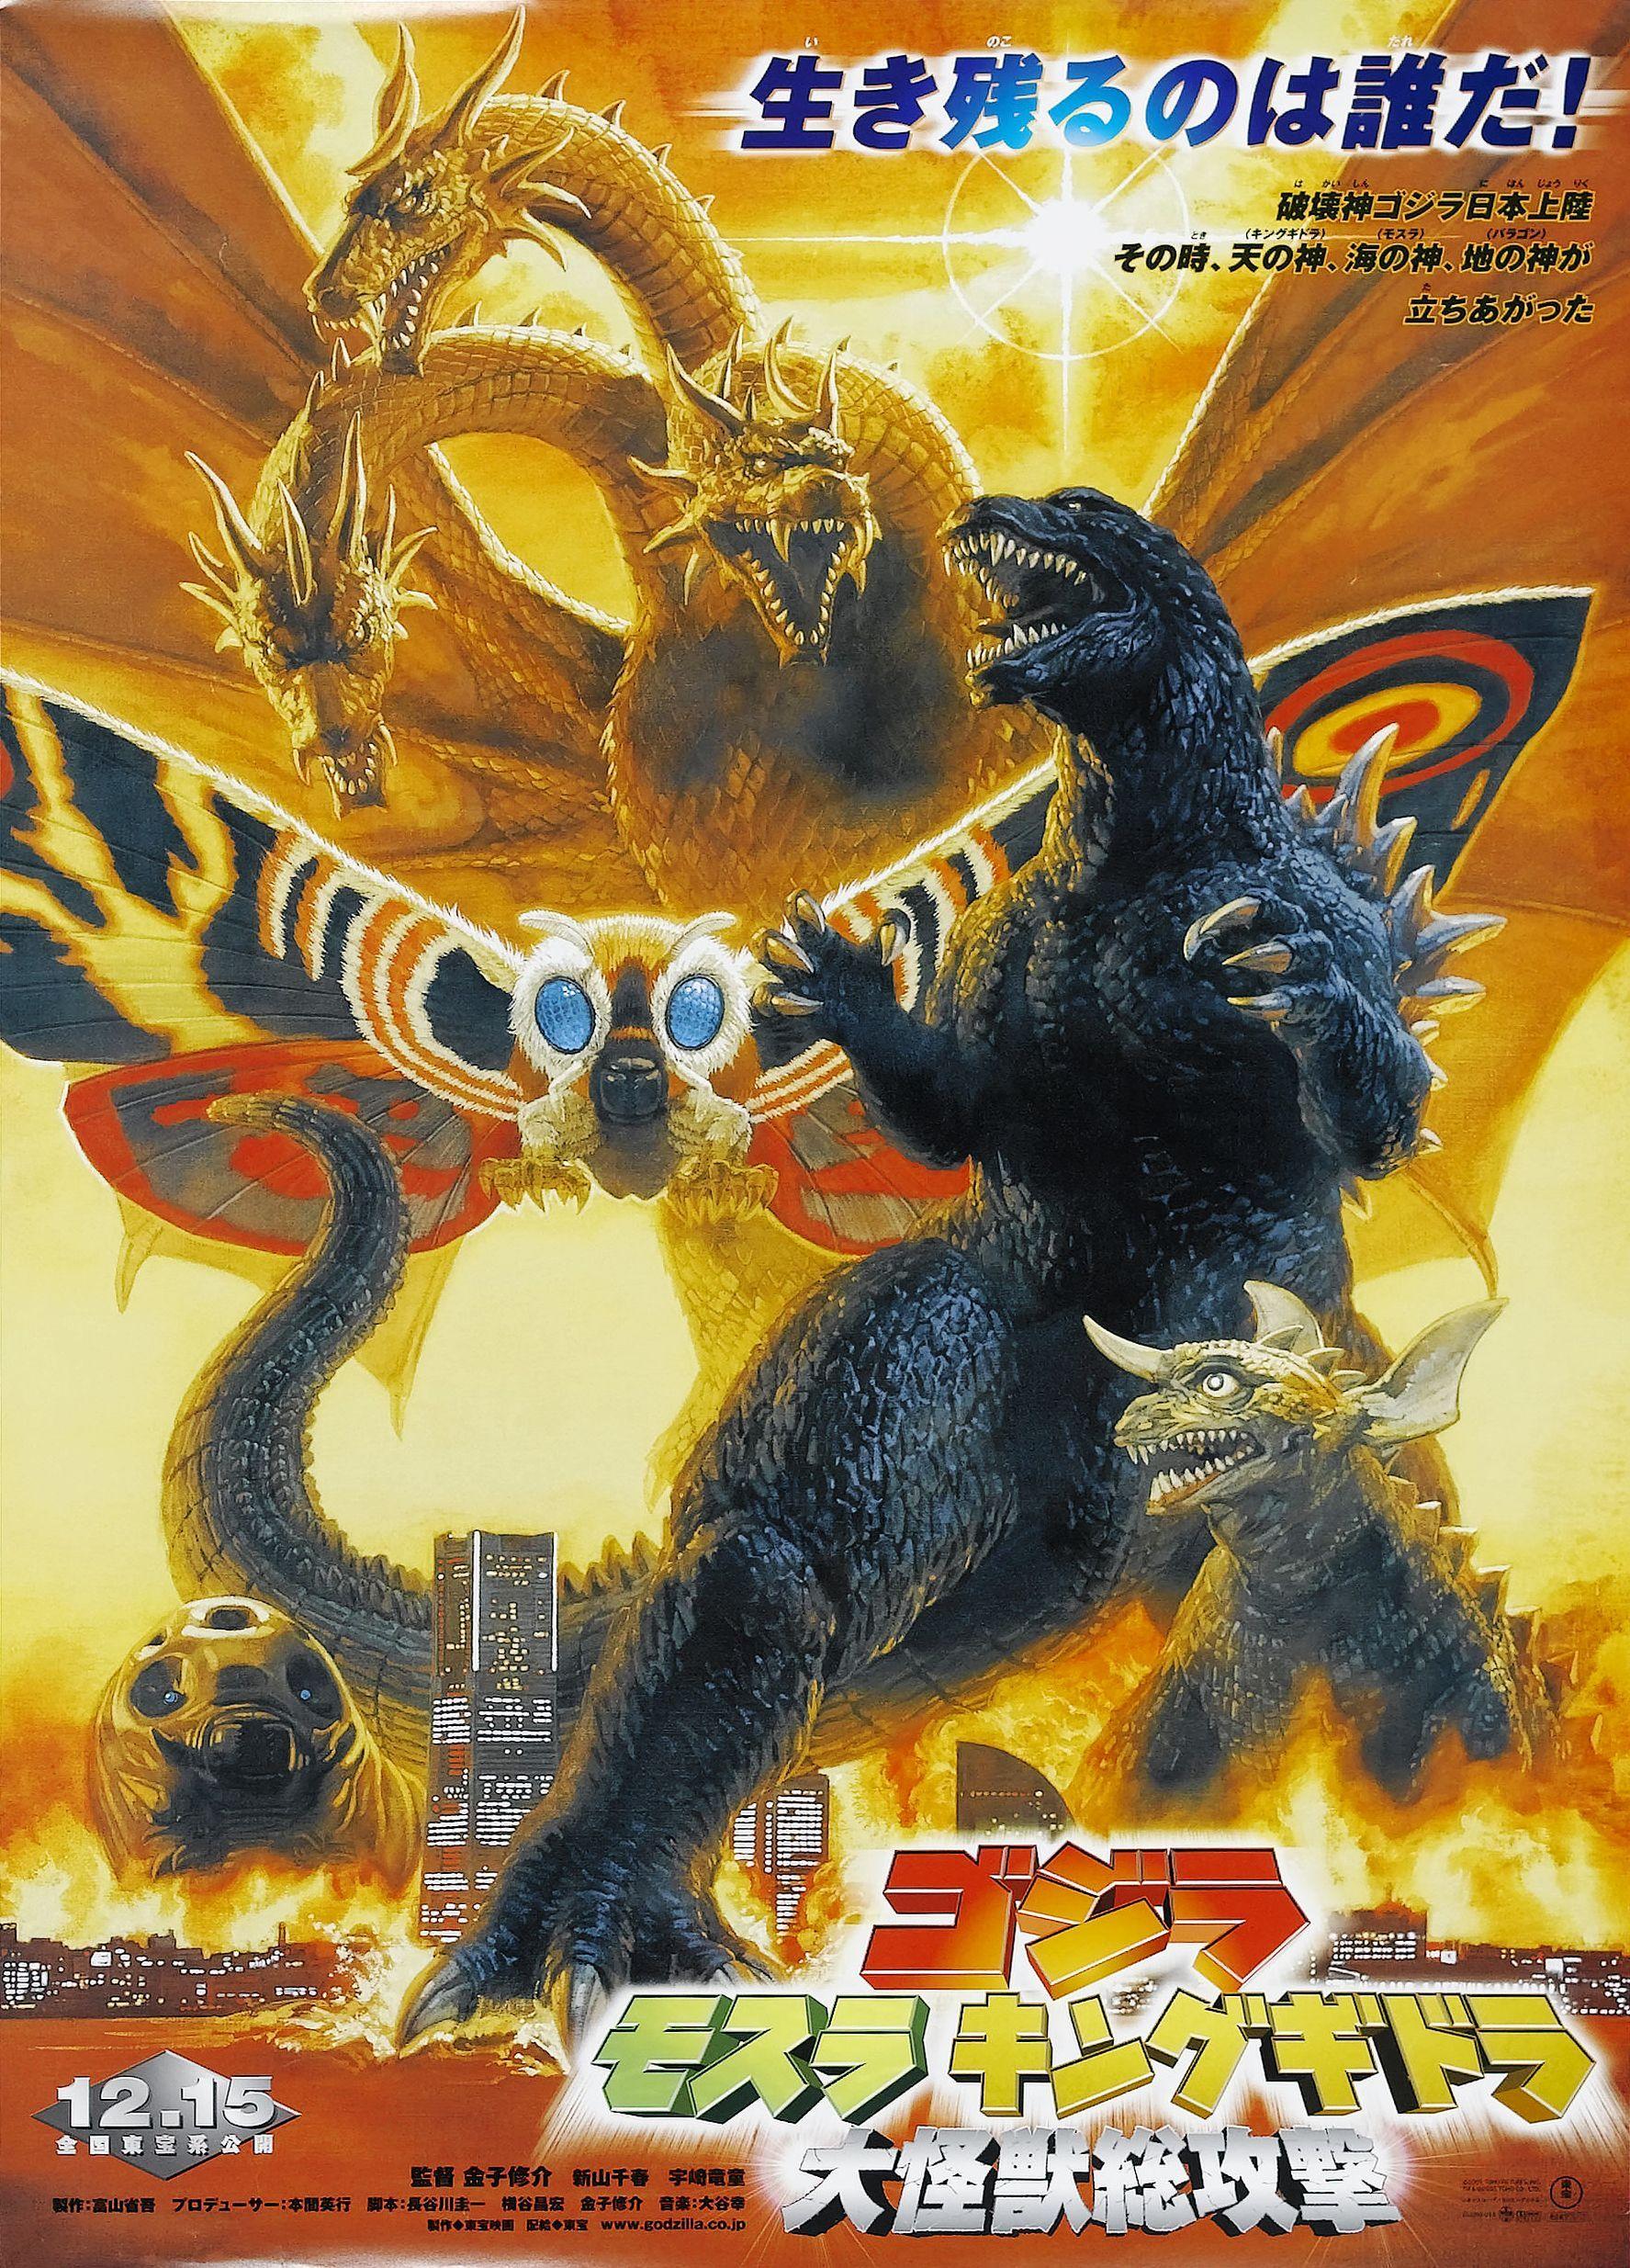 Pin by Edgar Muñoz on Godzilla and Other monsters   Pinterest   Godzilla